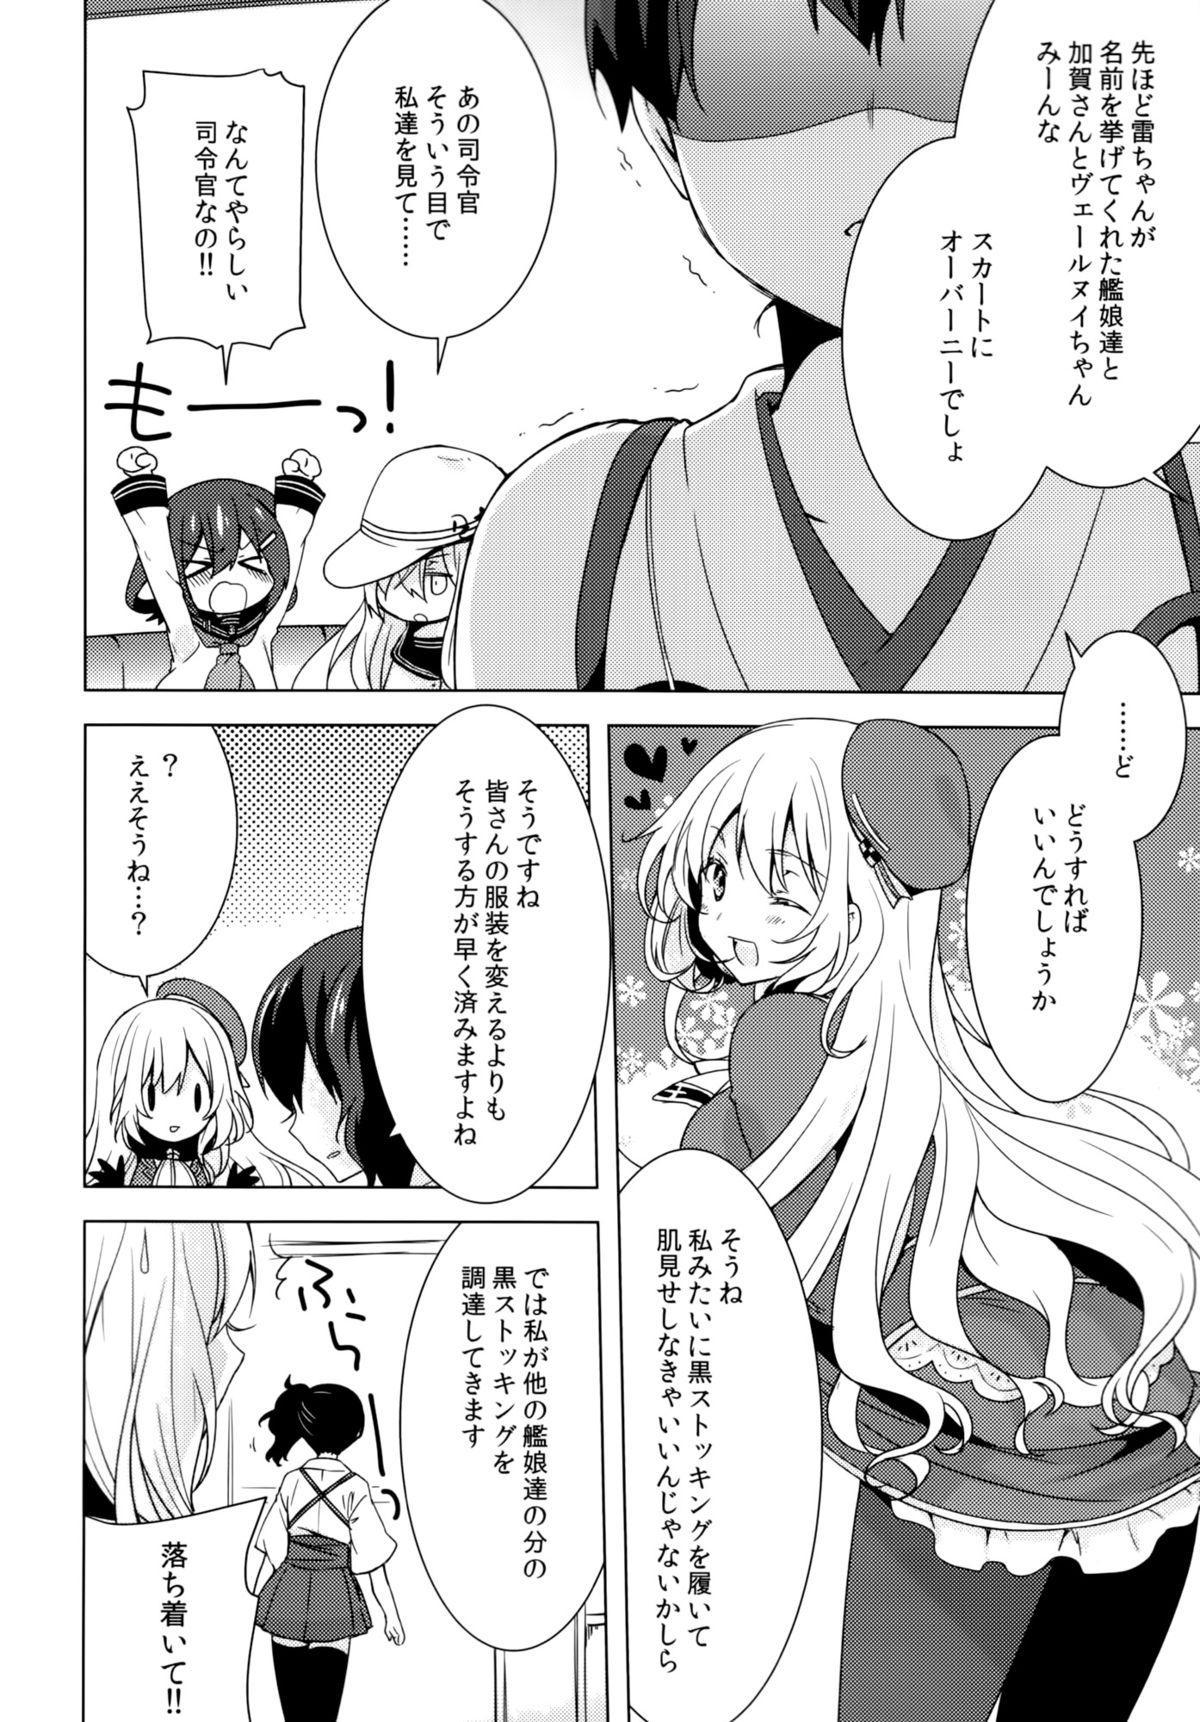 Teitoku no Goshumi 4